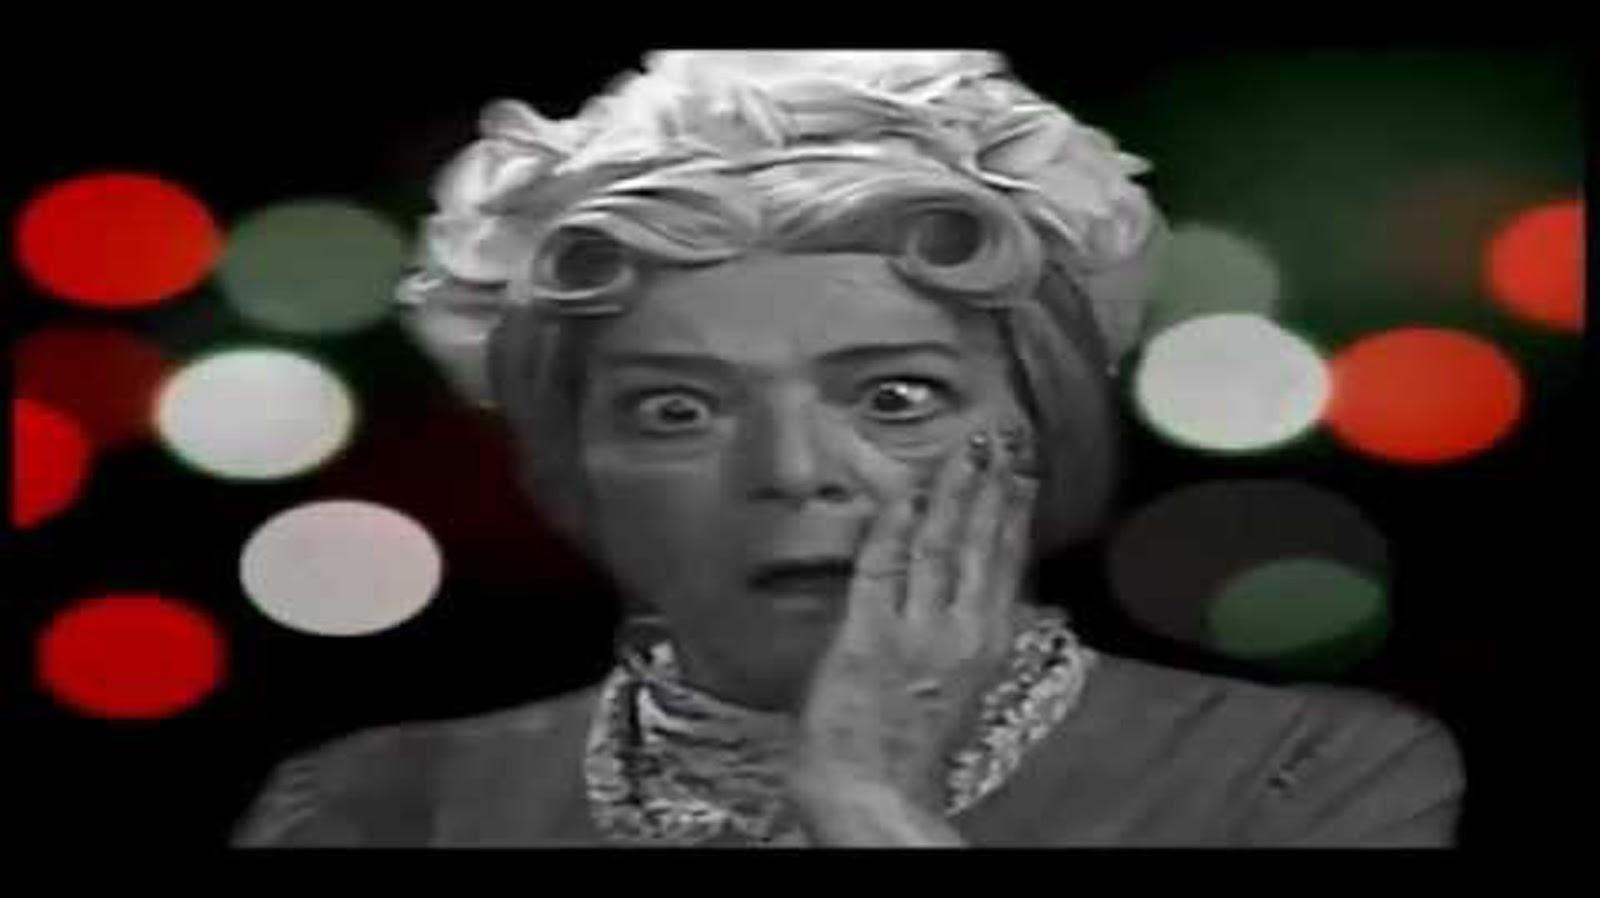 discoteca,simonia,farsa, verdaeira,vidente, photoshop,josé,sinais, nossa senhora, santuário, seita,  jesus, apariçoes, marquinho, jacareiencantado,evelin,procissão, tadeu teixeira, segredo,  mensagens da rainha,photoshop,Amantíssimo Coração, mensageira da paz, segredo, seita, farsa, evelin galdino,  farsa, Amantíssimo Coração, sagrados coraçoes, mensageira, rainha, medalha, sinaisl,jacareiencantado,